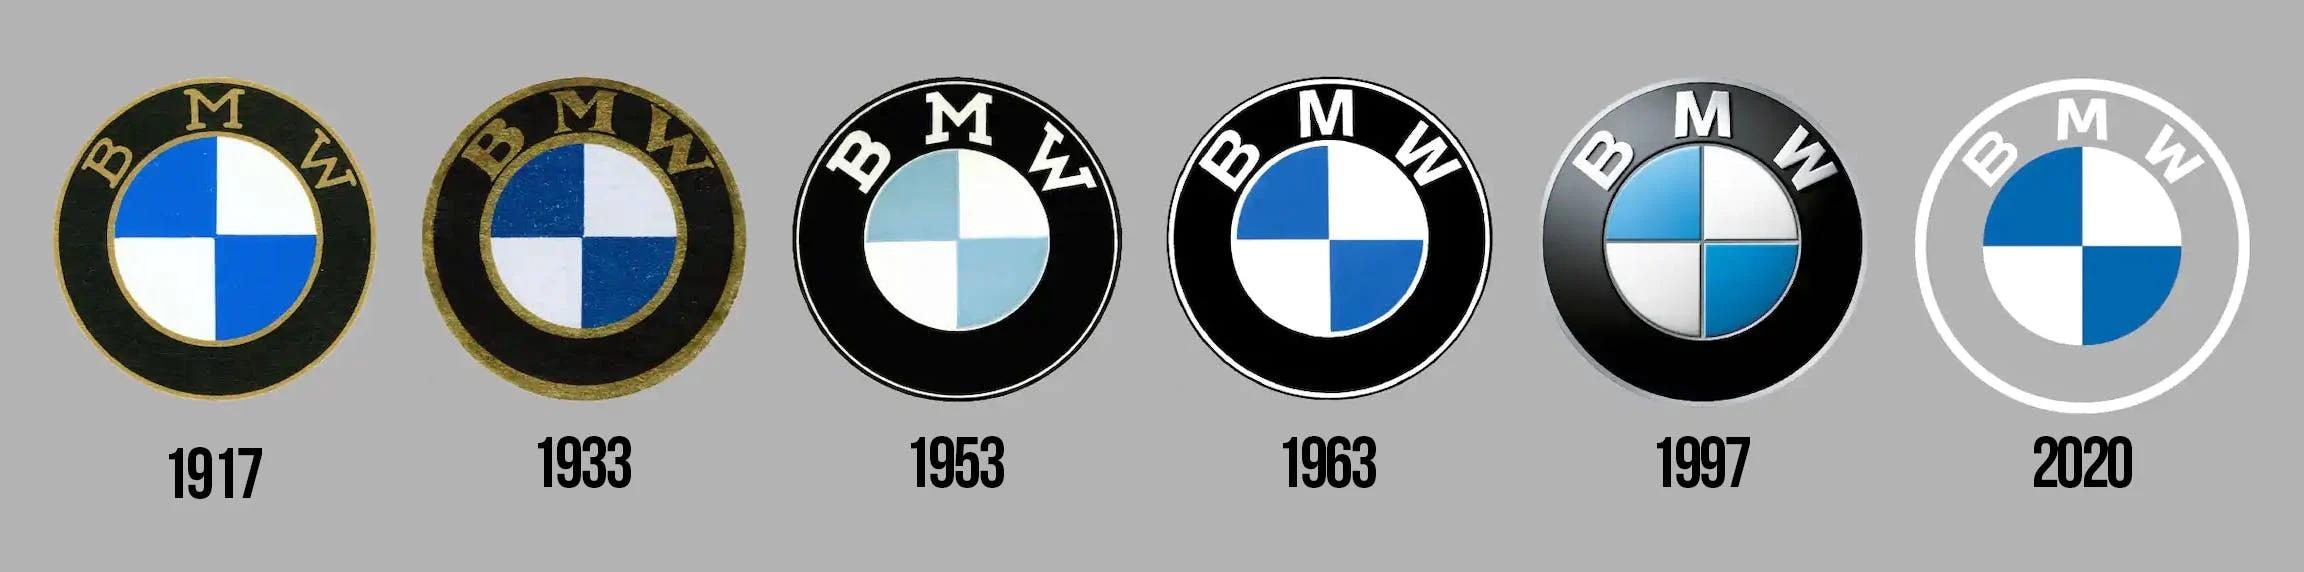 historyczne logo bmw